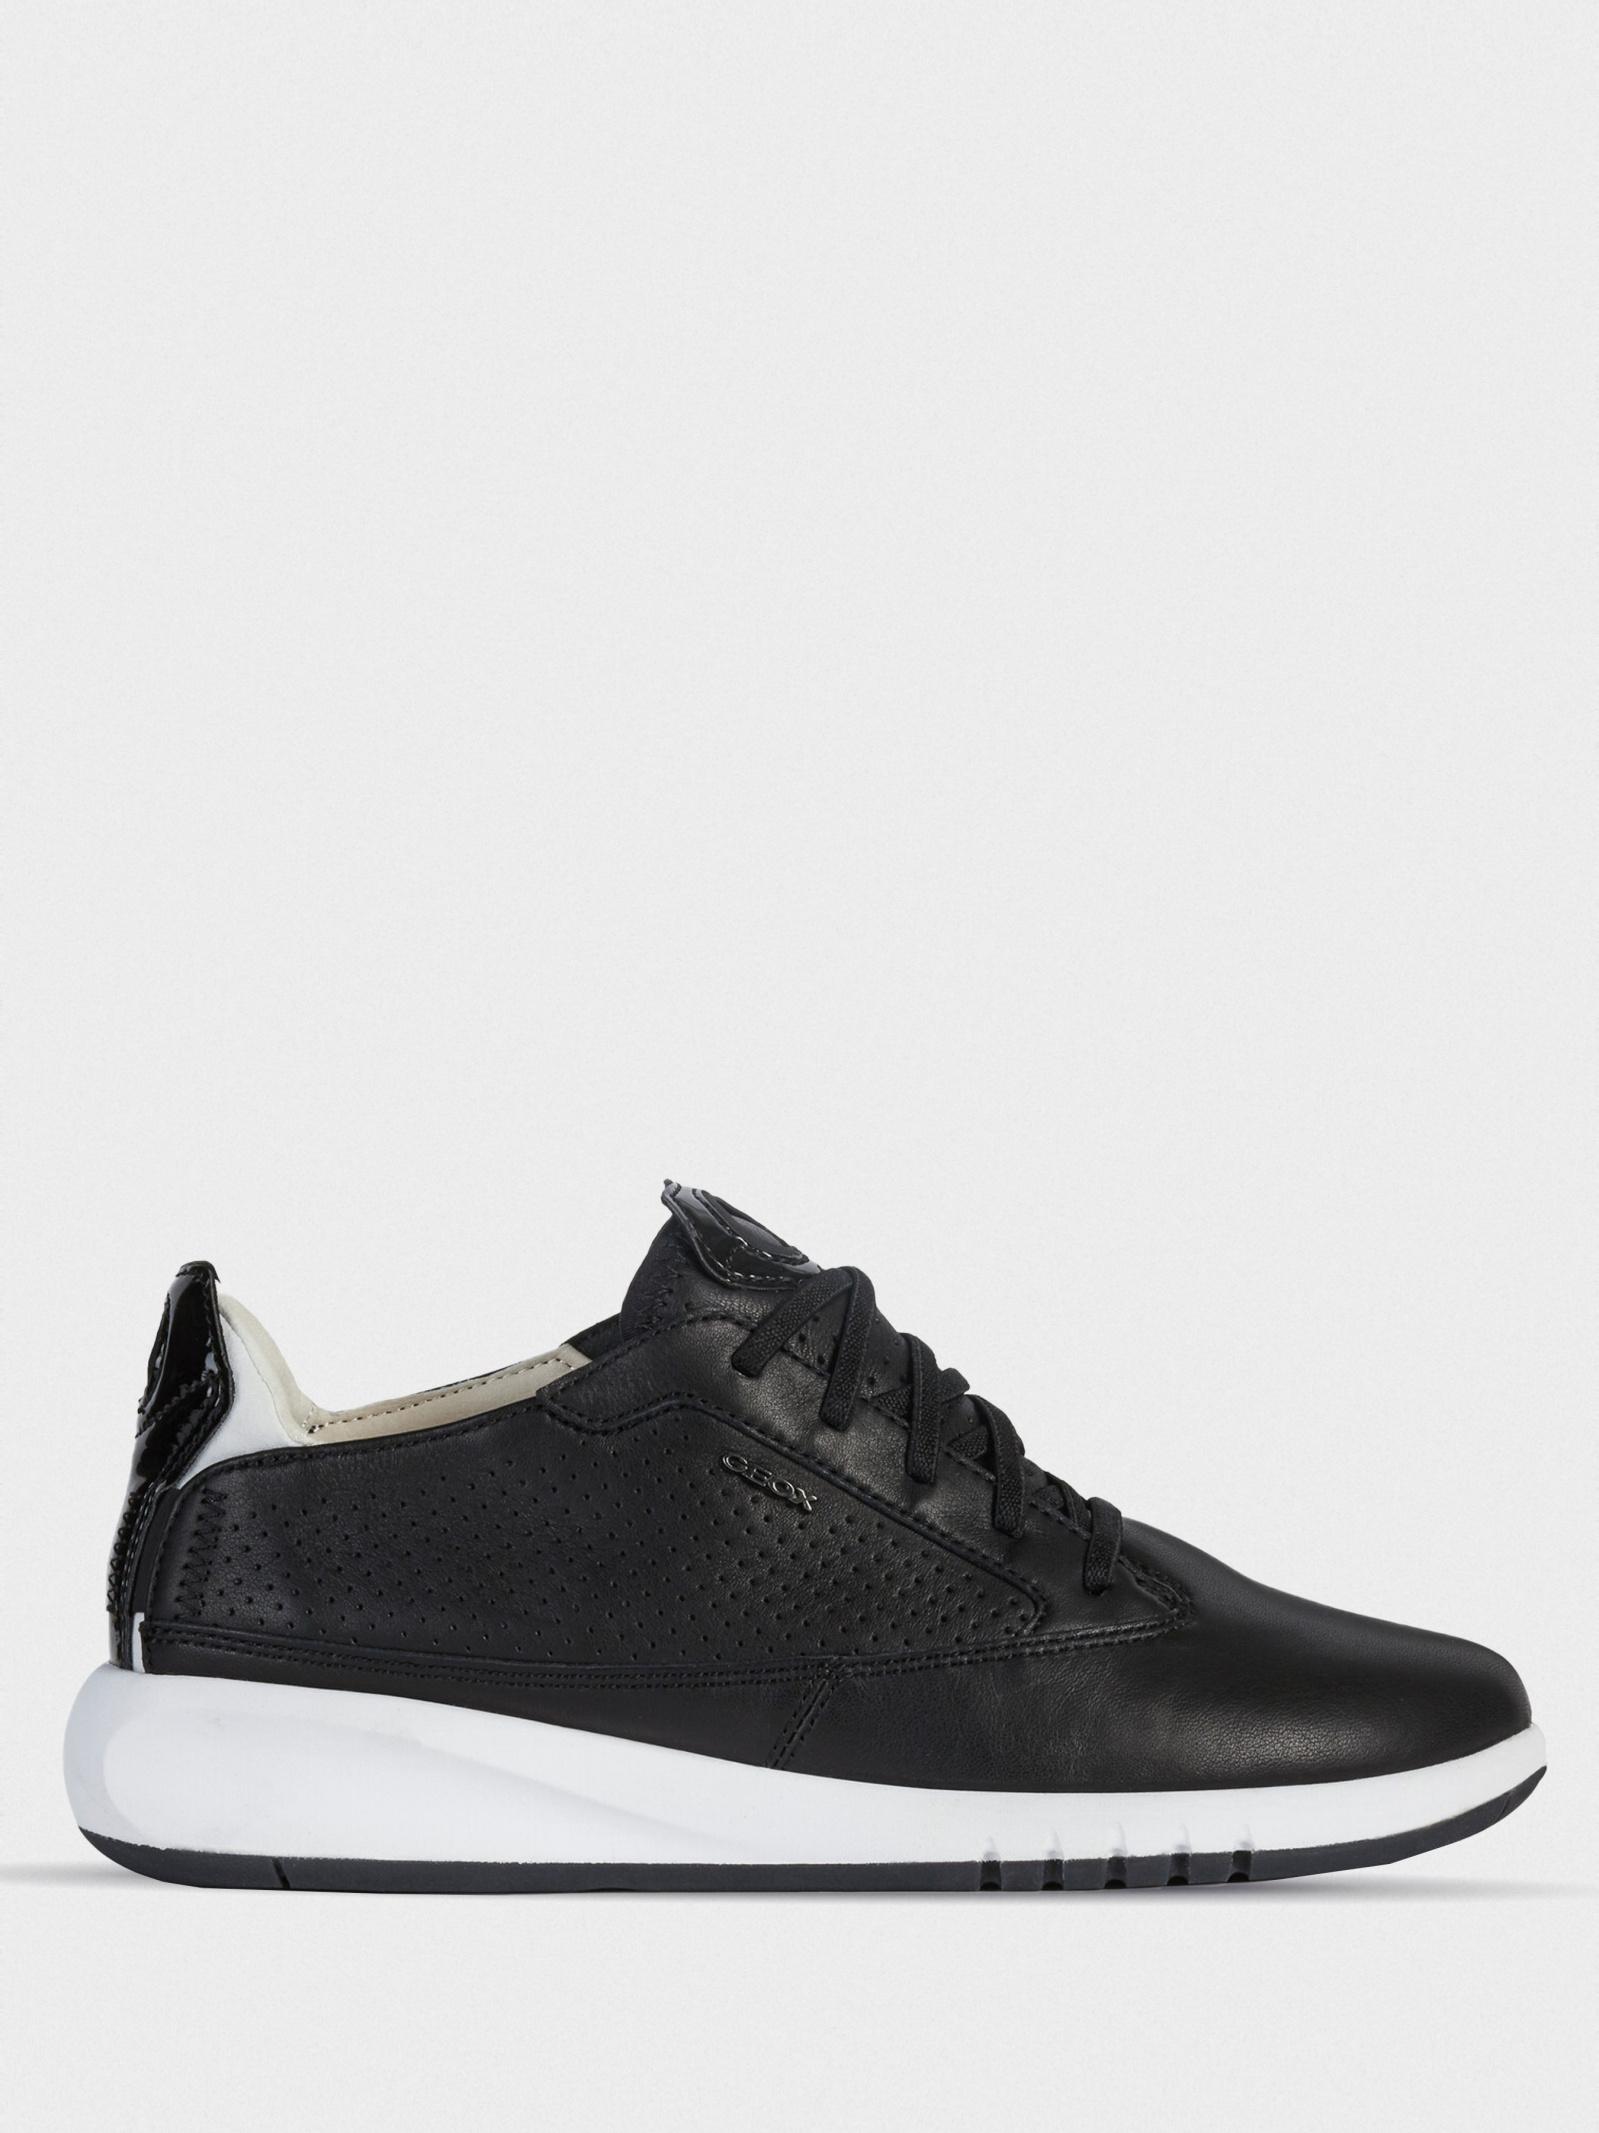 Кроссовки для женщин Geox D AERANTIS XW3933 купить обувь, 2017